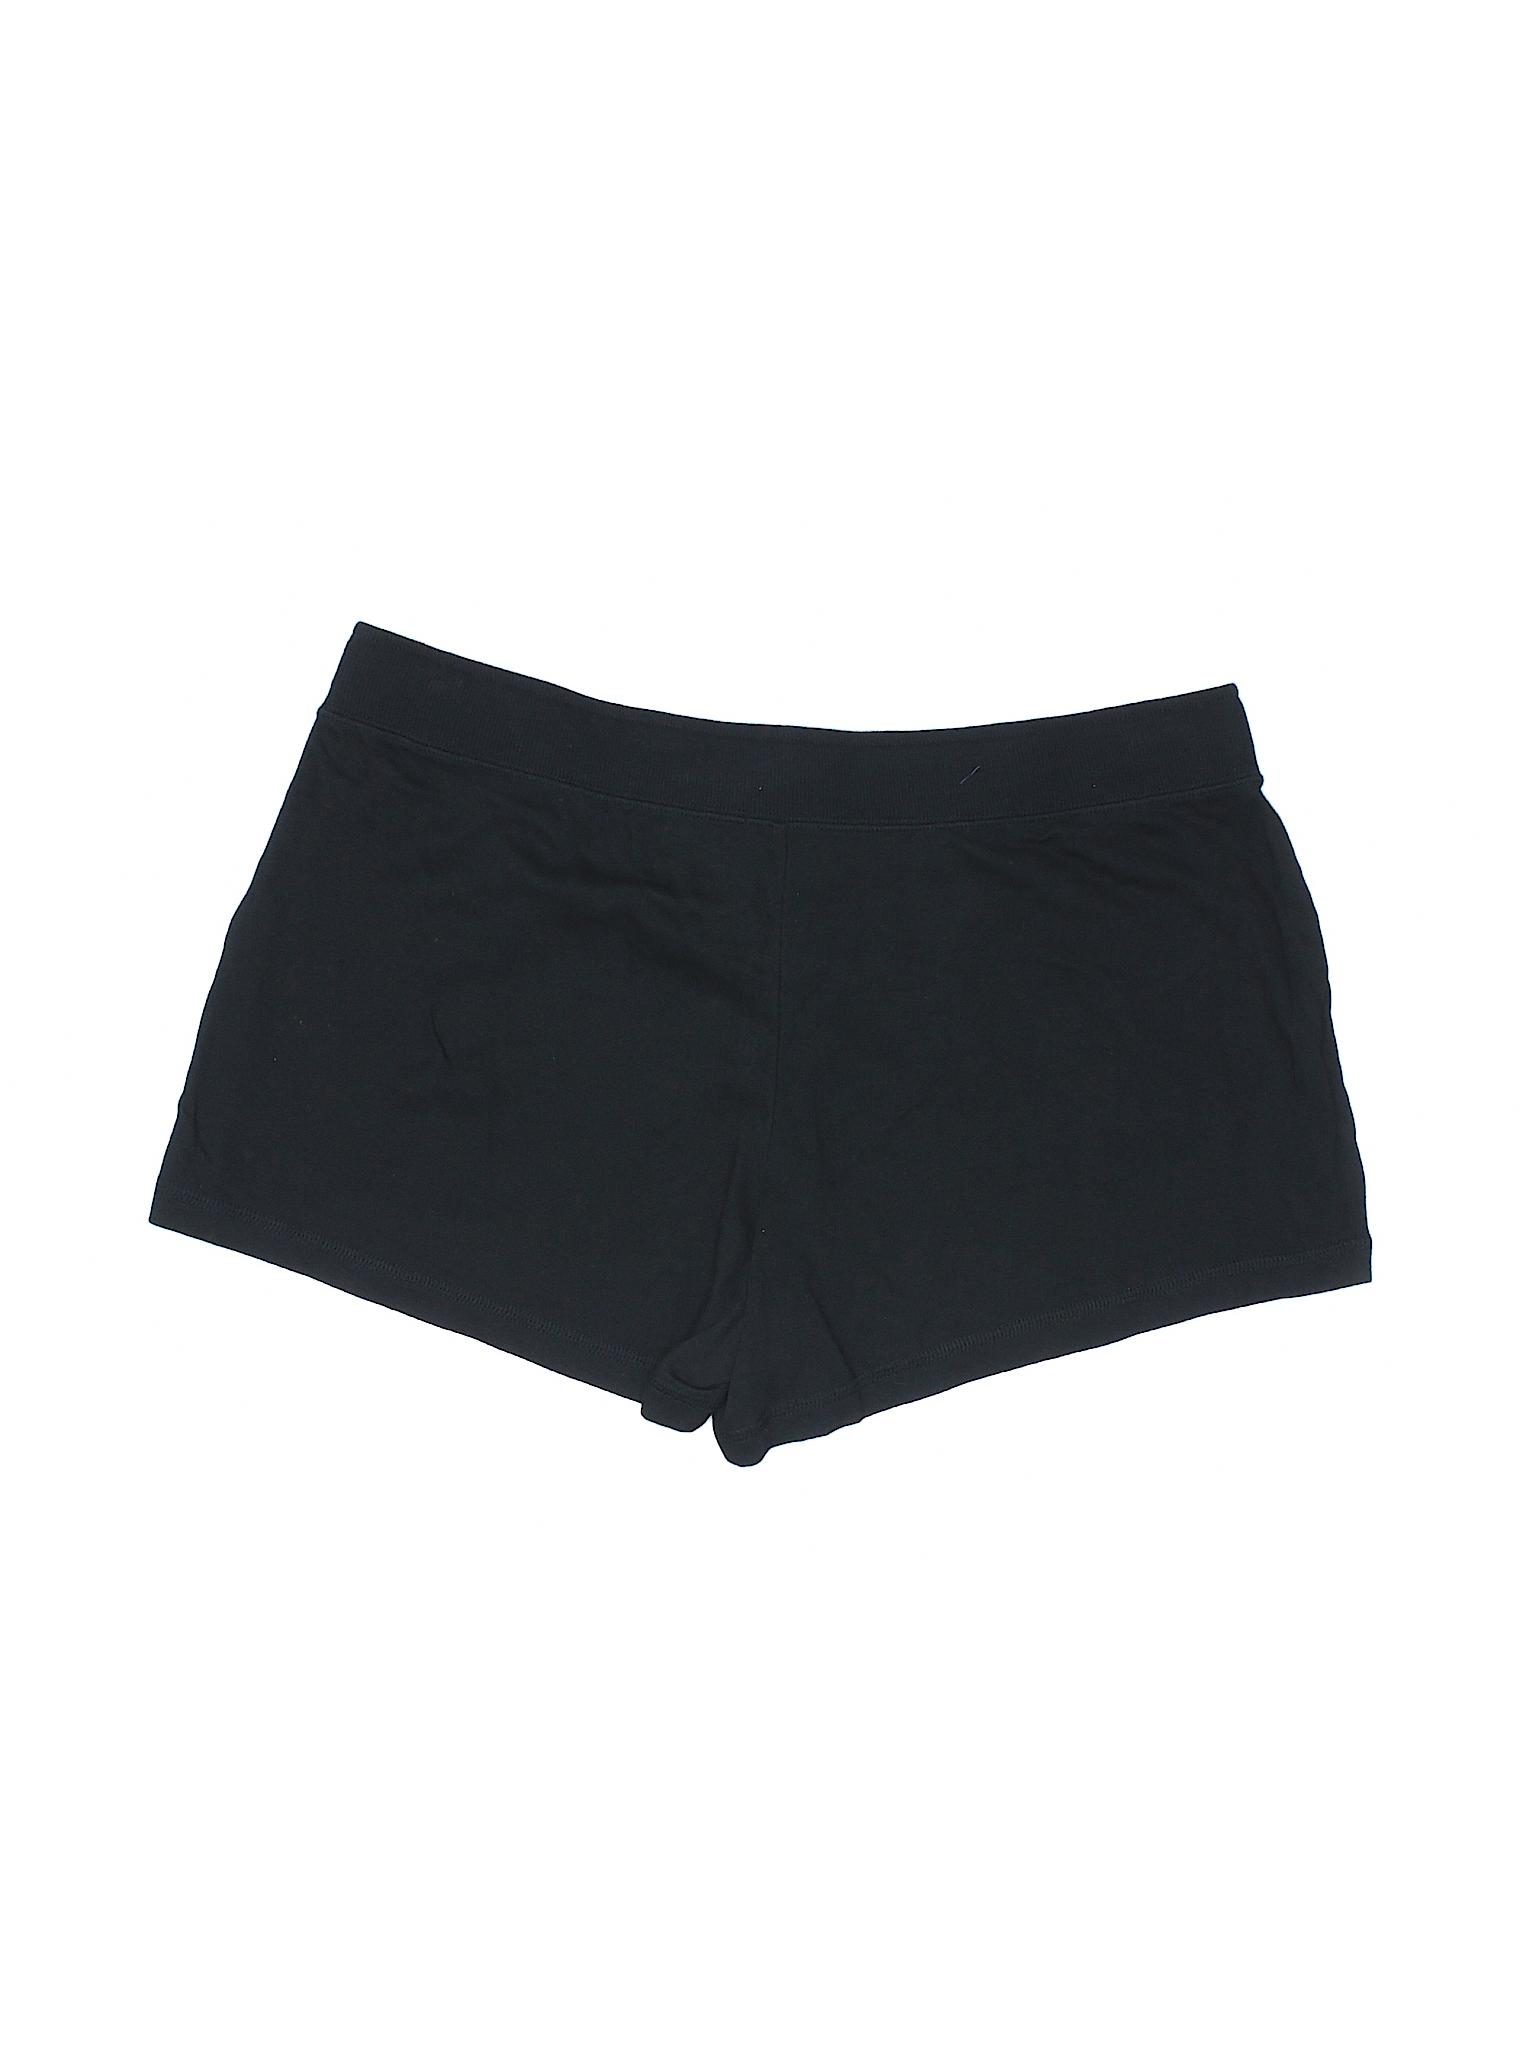 Boutique Uniqlo Boutique Shorts Shorts Uniqlo Uniqlo Boutique Shorts ZZzRHqxX